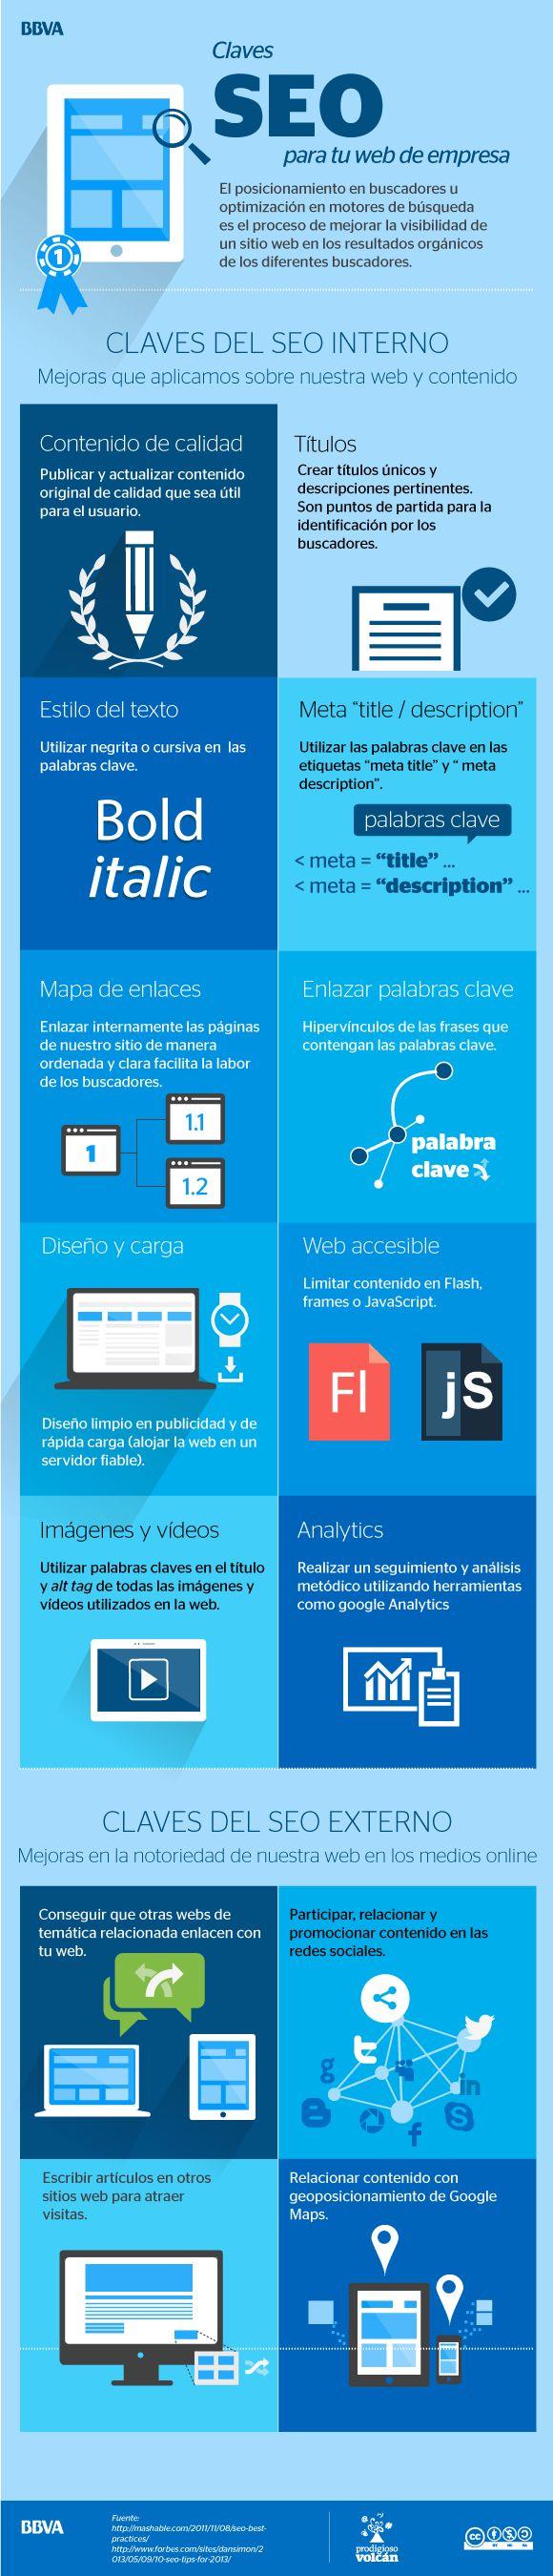 Claves SEO para tu web de empresa #infografia #infographic #seo